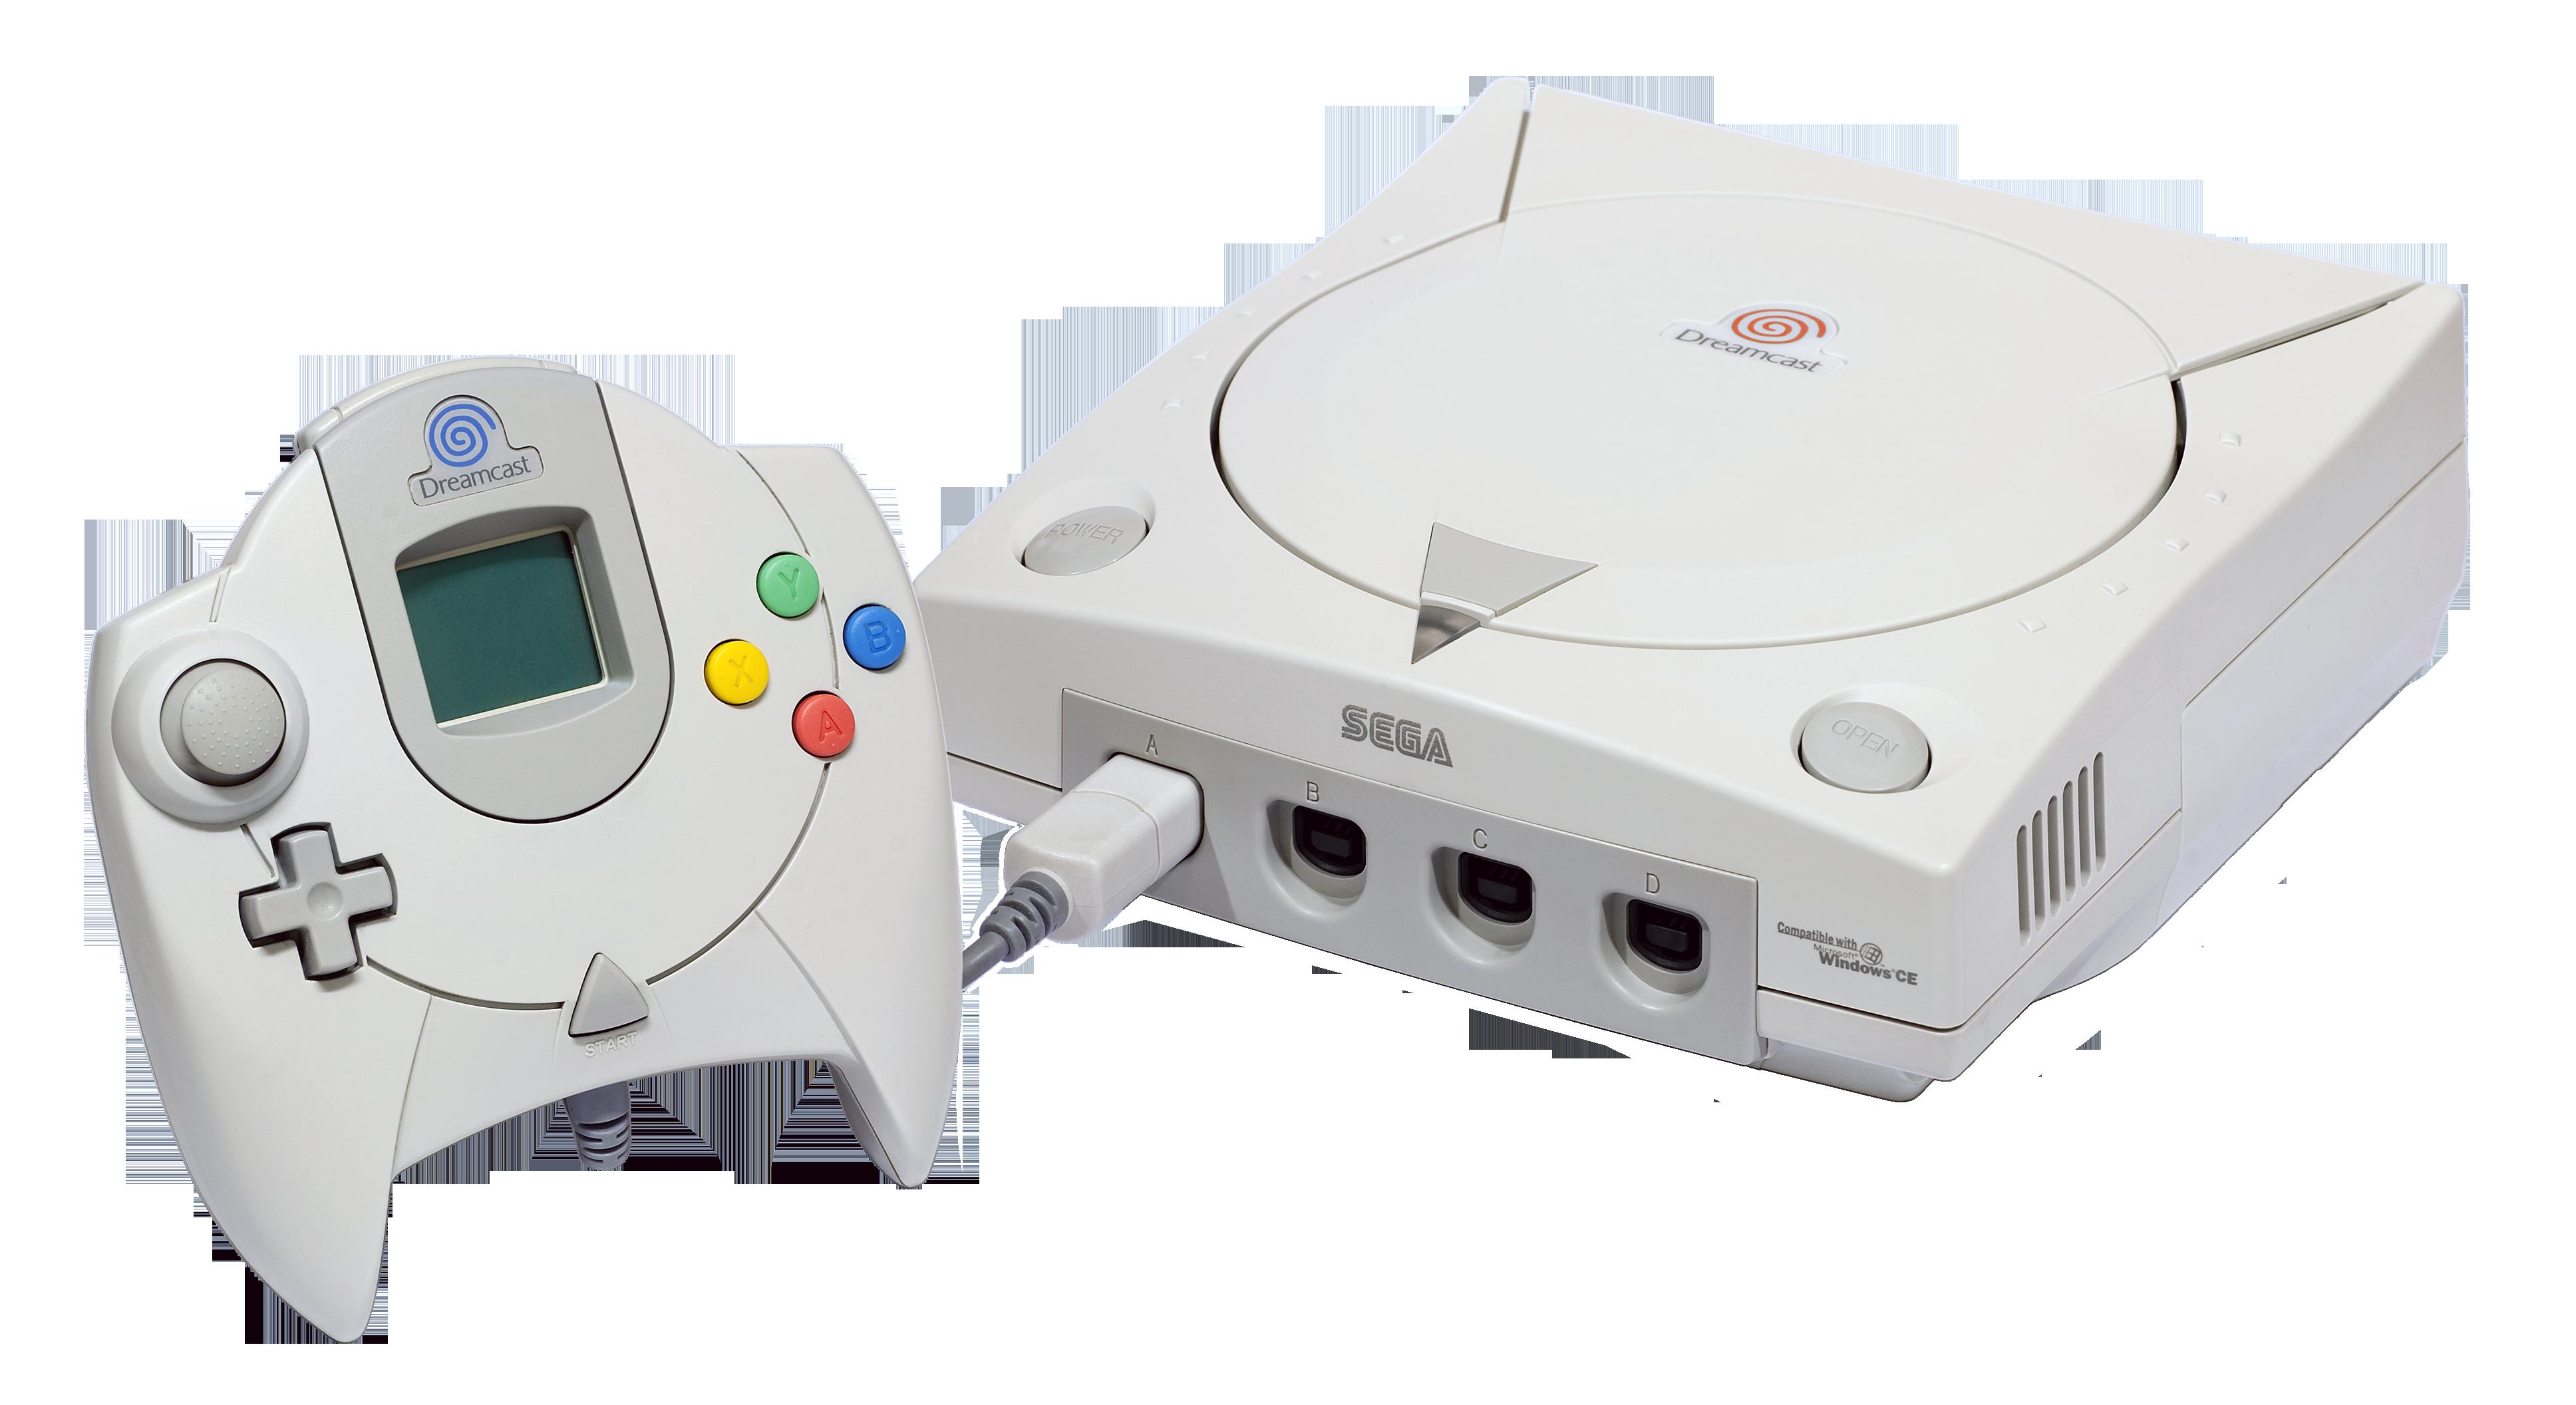 File:Sega.